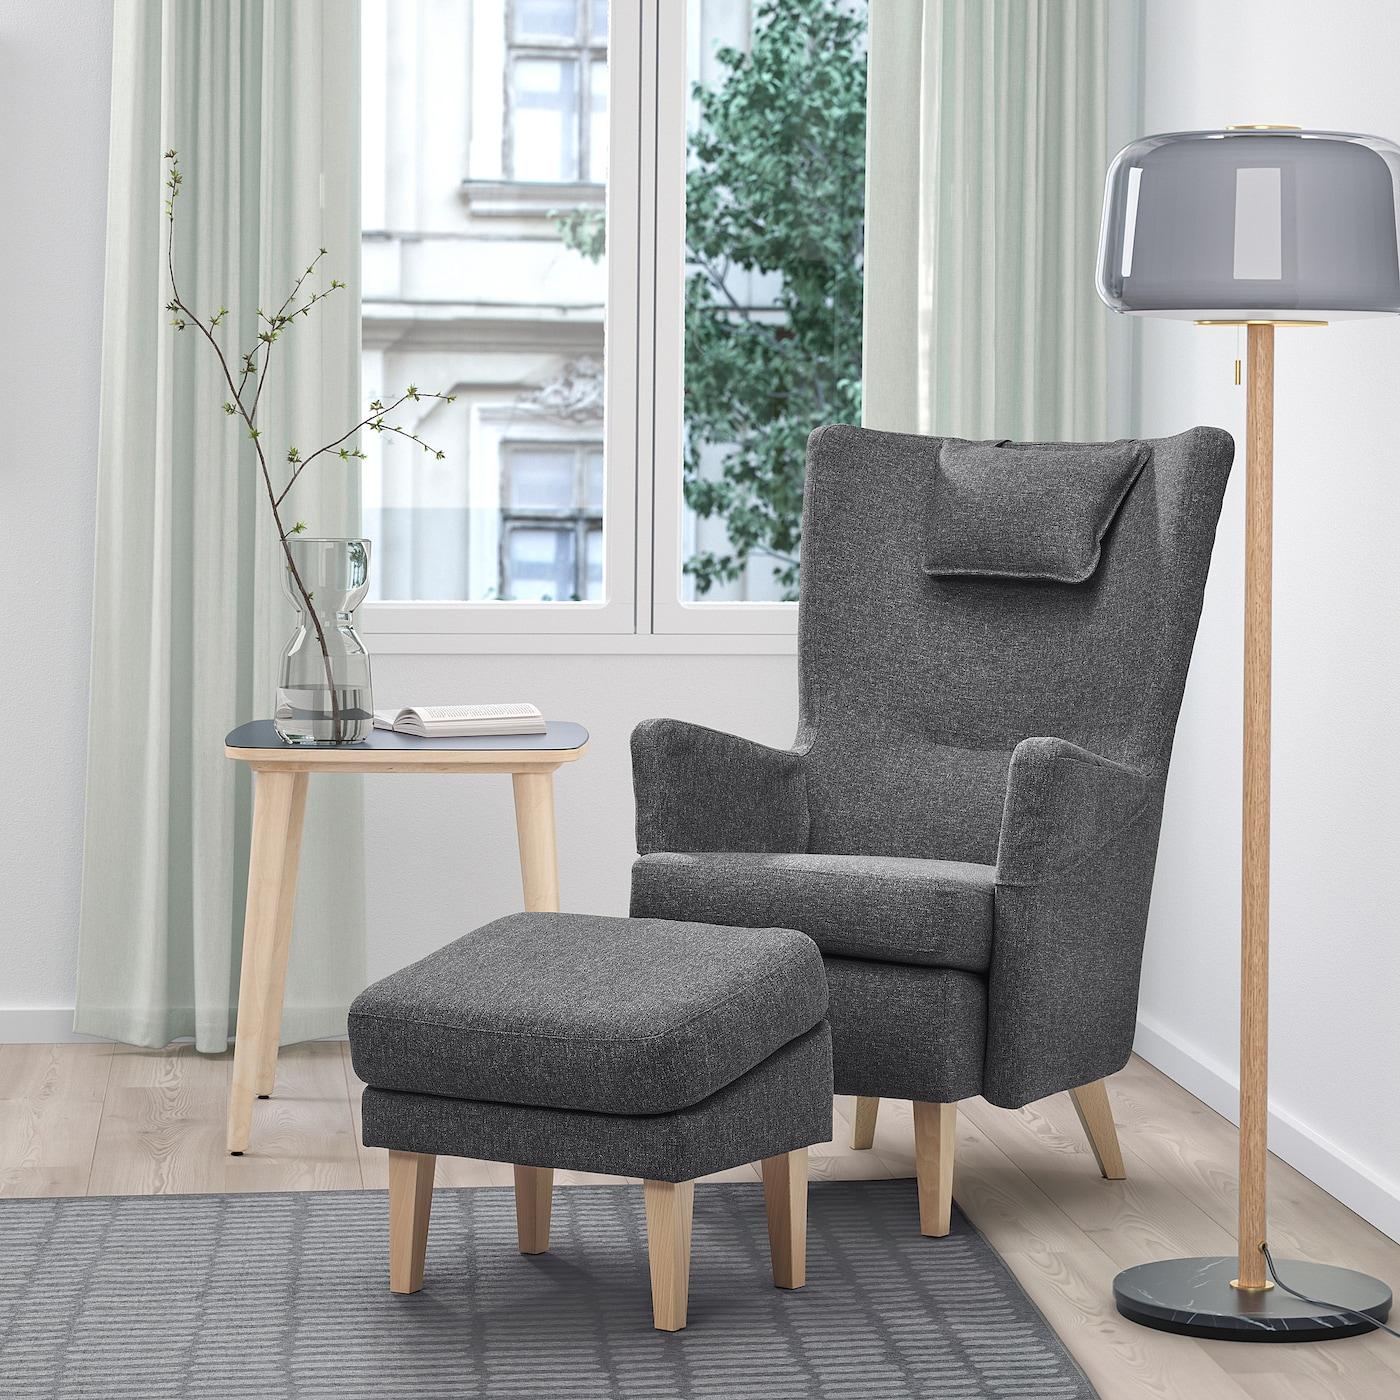 OMTÄNKSAM Footstool, slanted, Gunnared dark grey